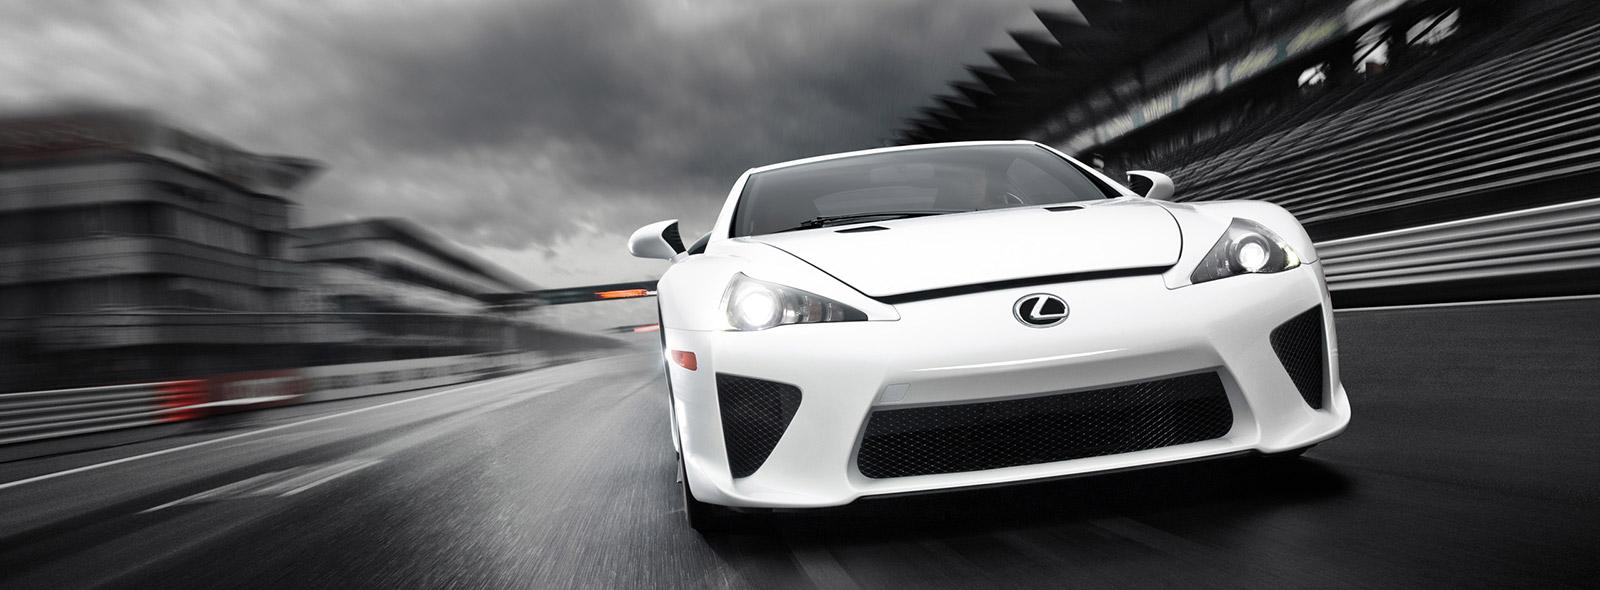 Rijdend vooraanzicht witte Lexus LFA